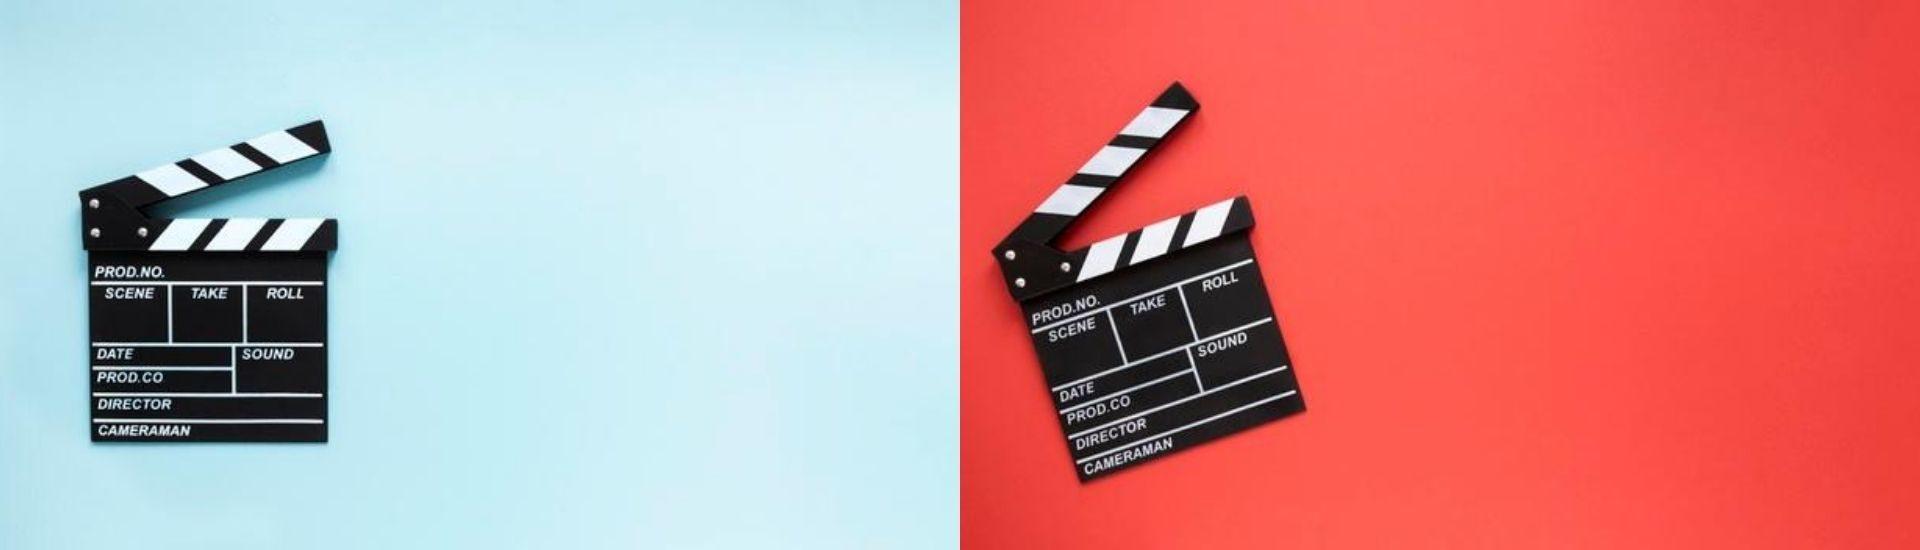 imagen de dos claquetas de cine